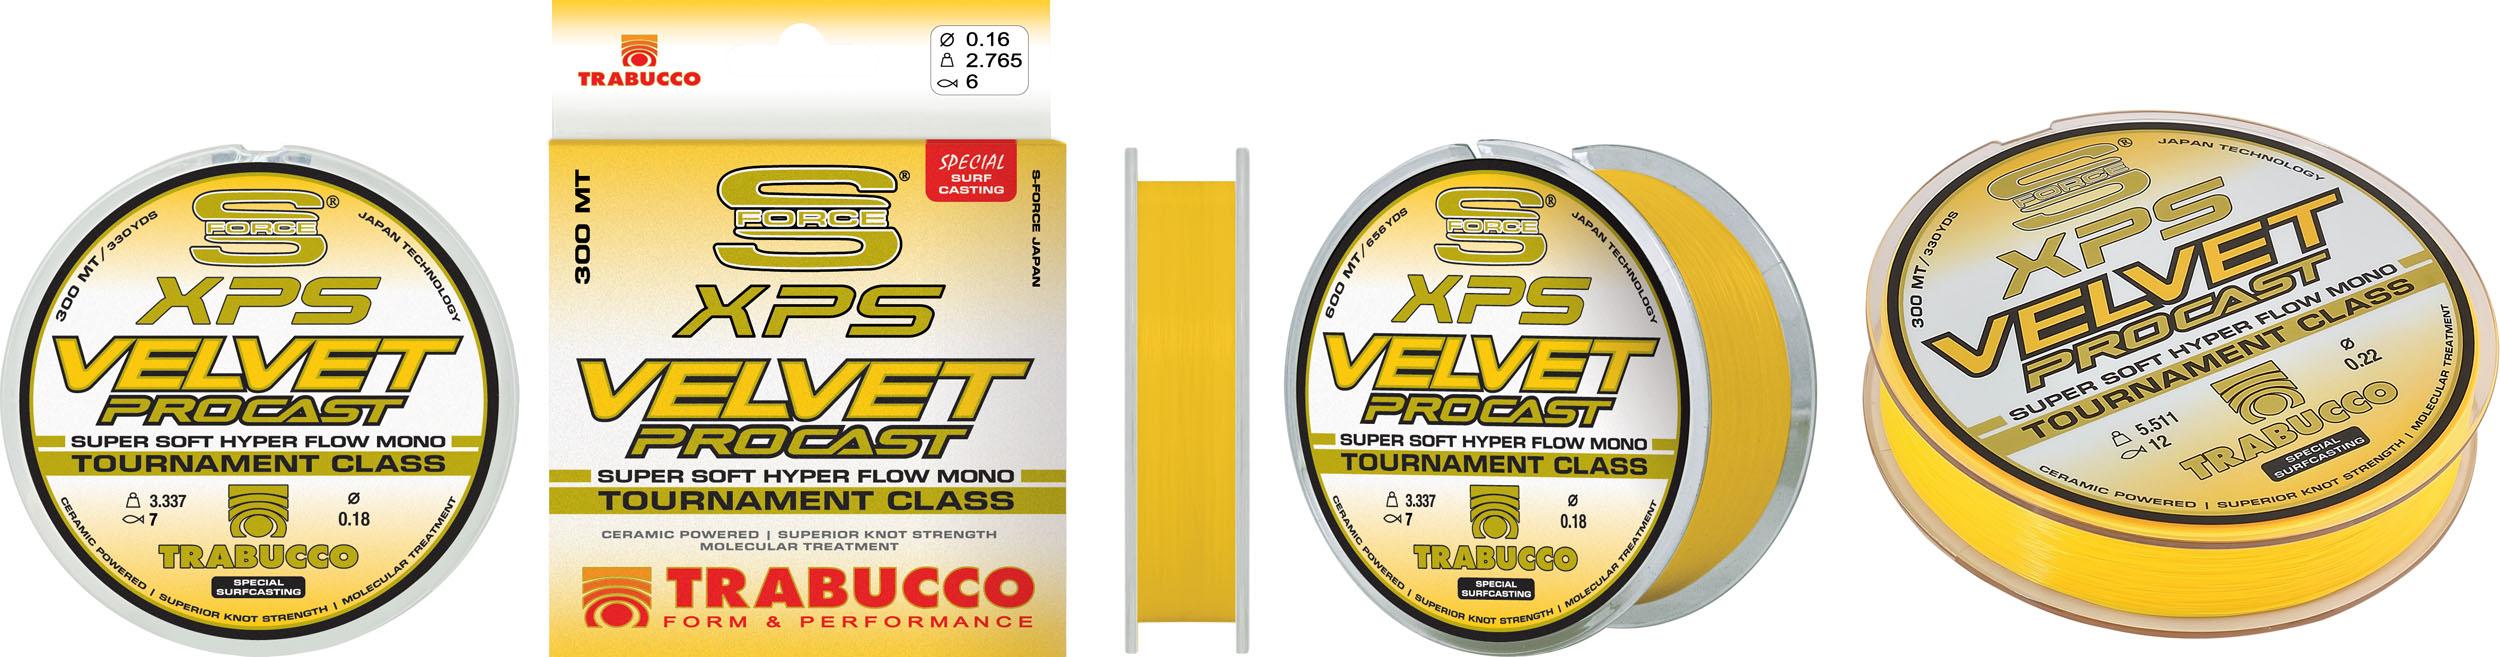 Trabucco XPS Velvet Procast 0.25mm 300m